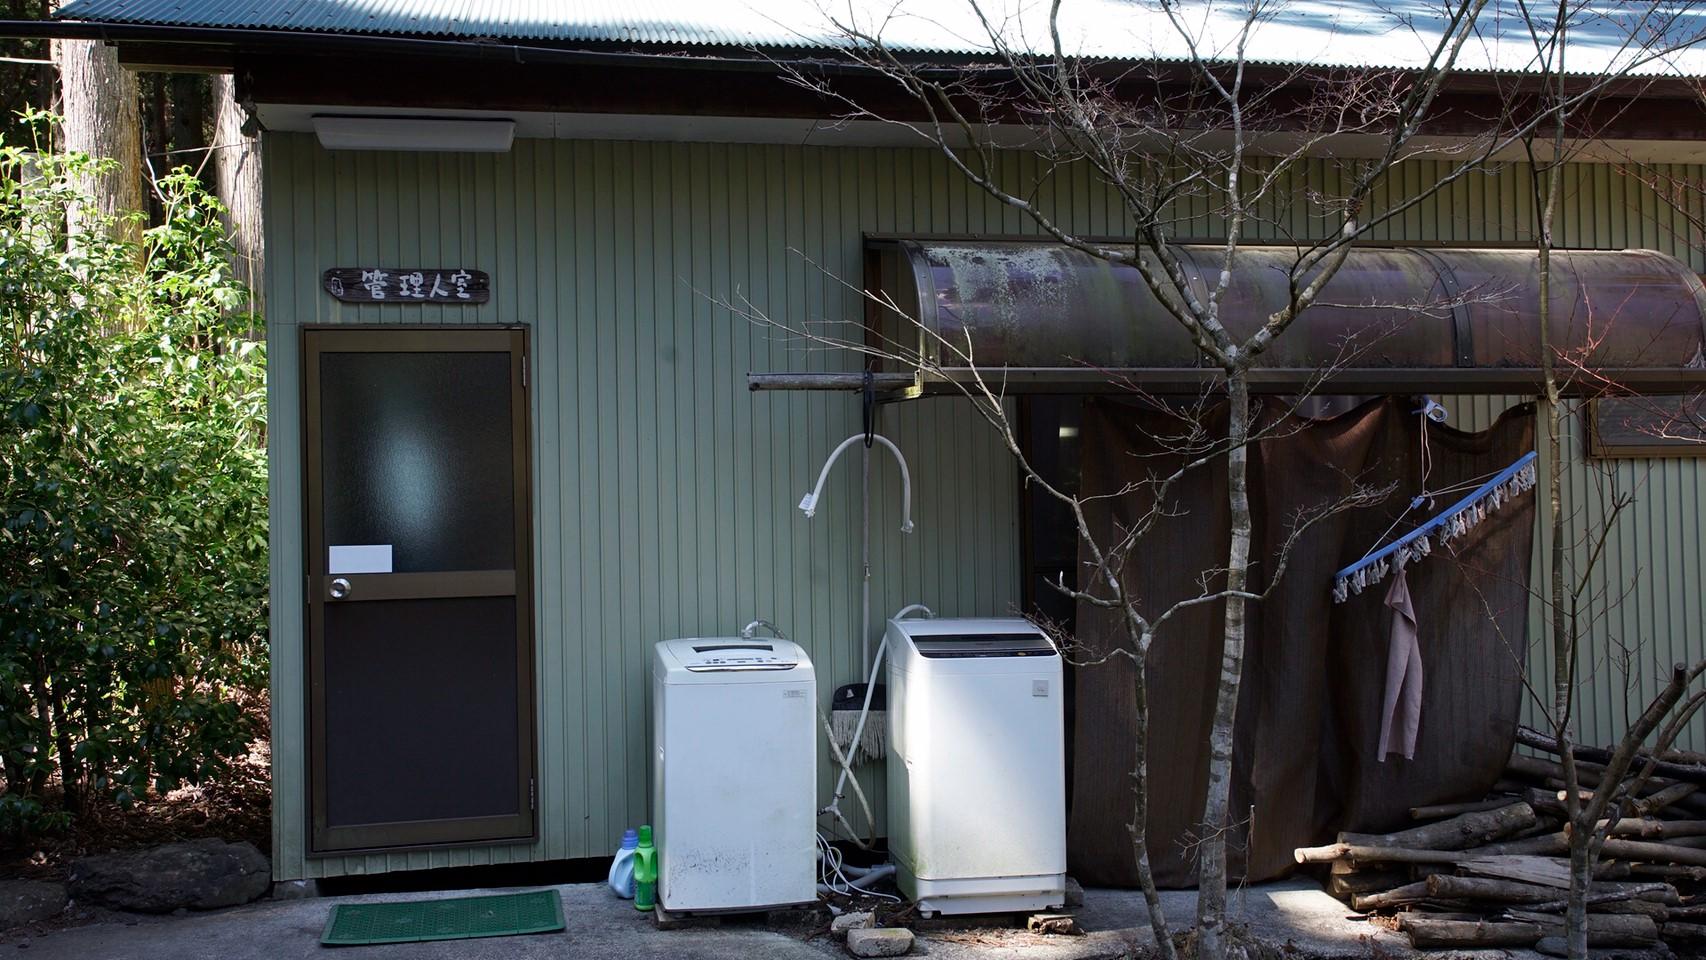 【富士山・清流遊び|富士宮市】『ペンギン村オートキャンプ場』攻略ガイド(駐車場・トイレ)